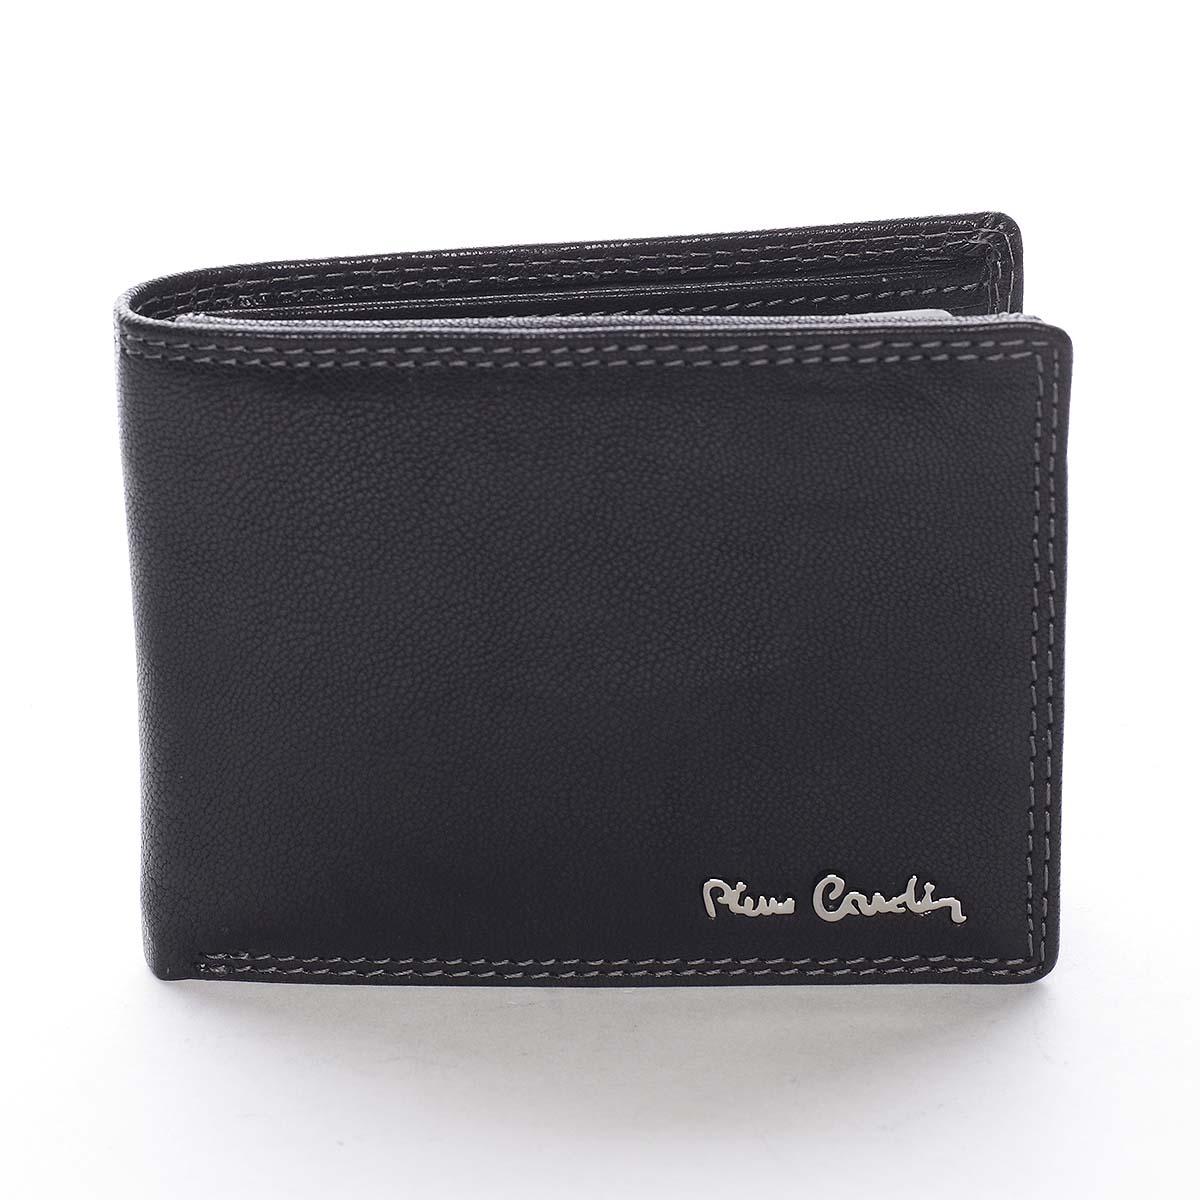 Pánska kožená peňaženka čierna - Pierre Cardin Sakul čierna